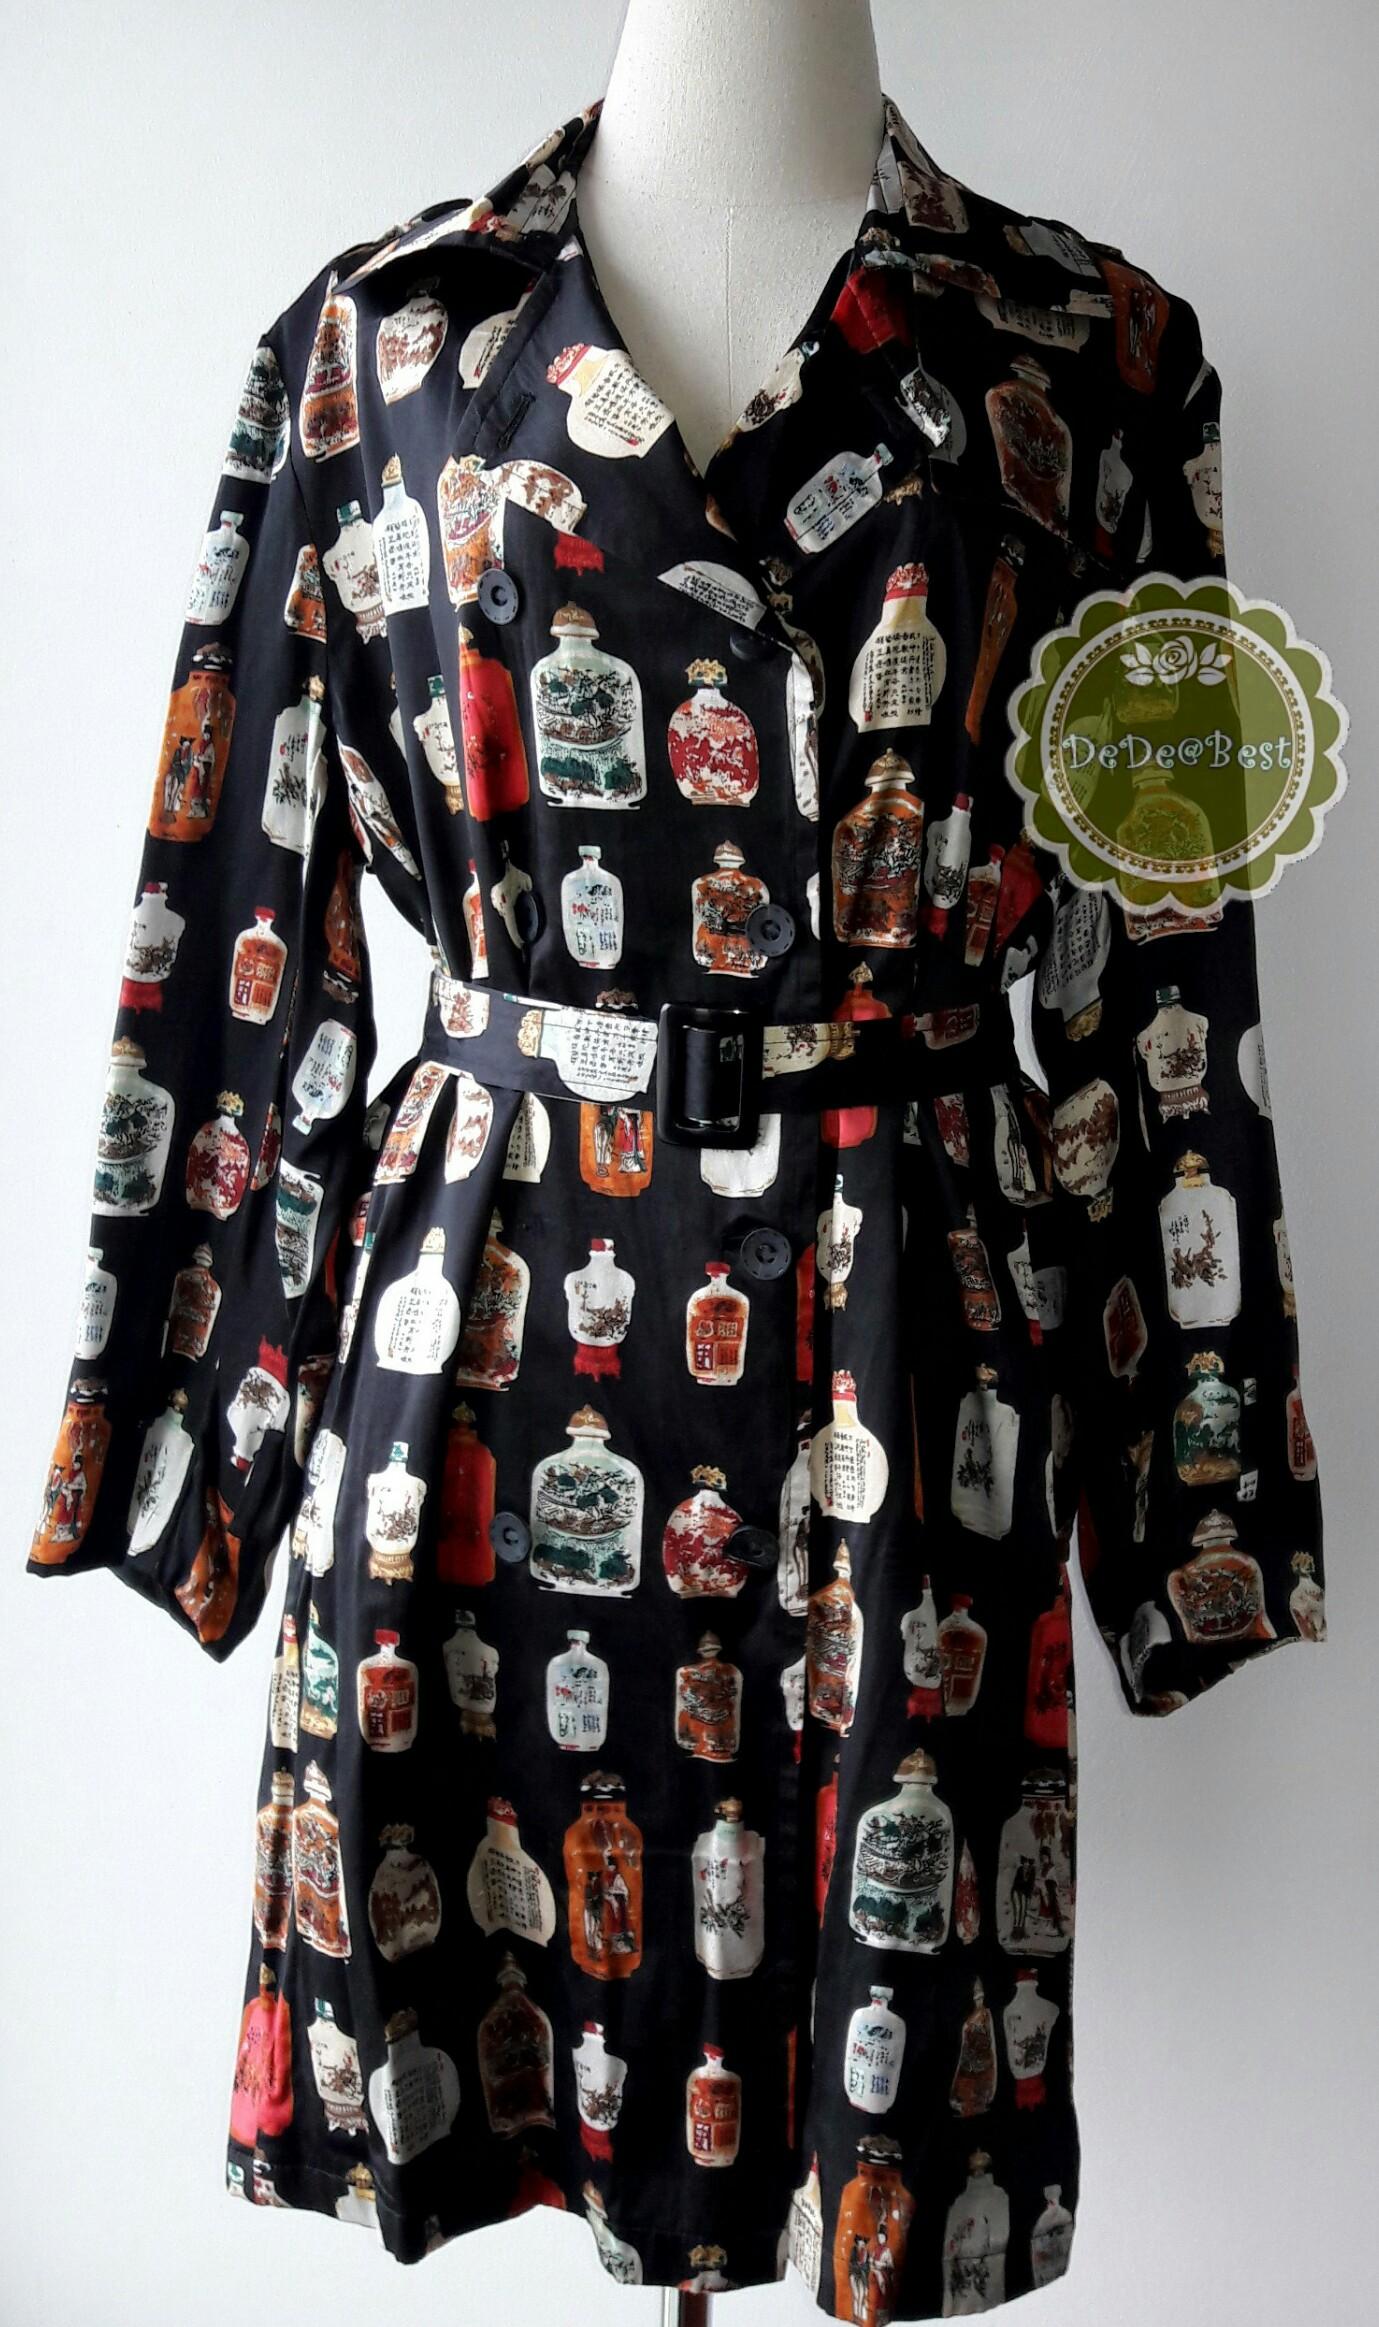 D52:Vintage dress เดรสวินเทจสีดำลายขวดจีนโบราณ(ซับในทั้งตัวและมีเข็มขัด)